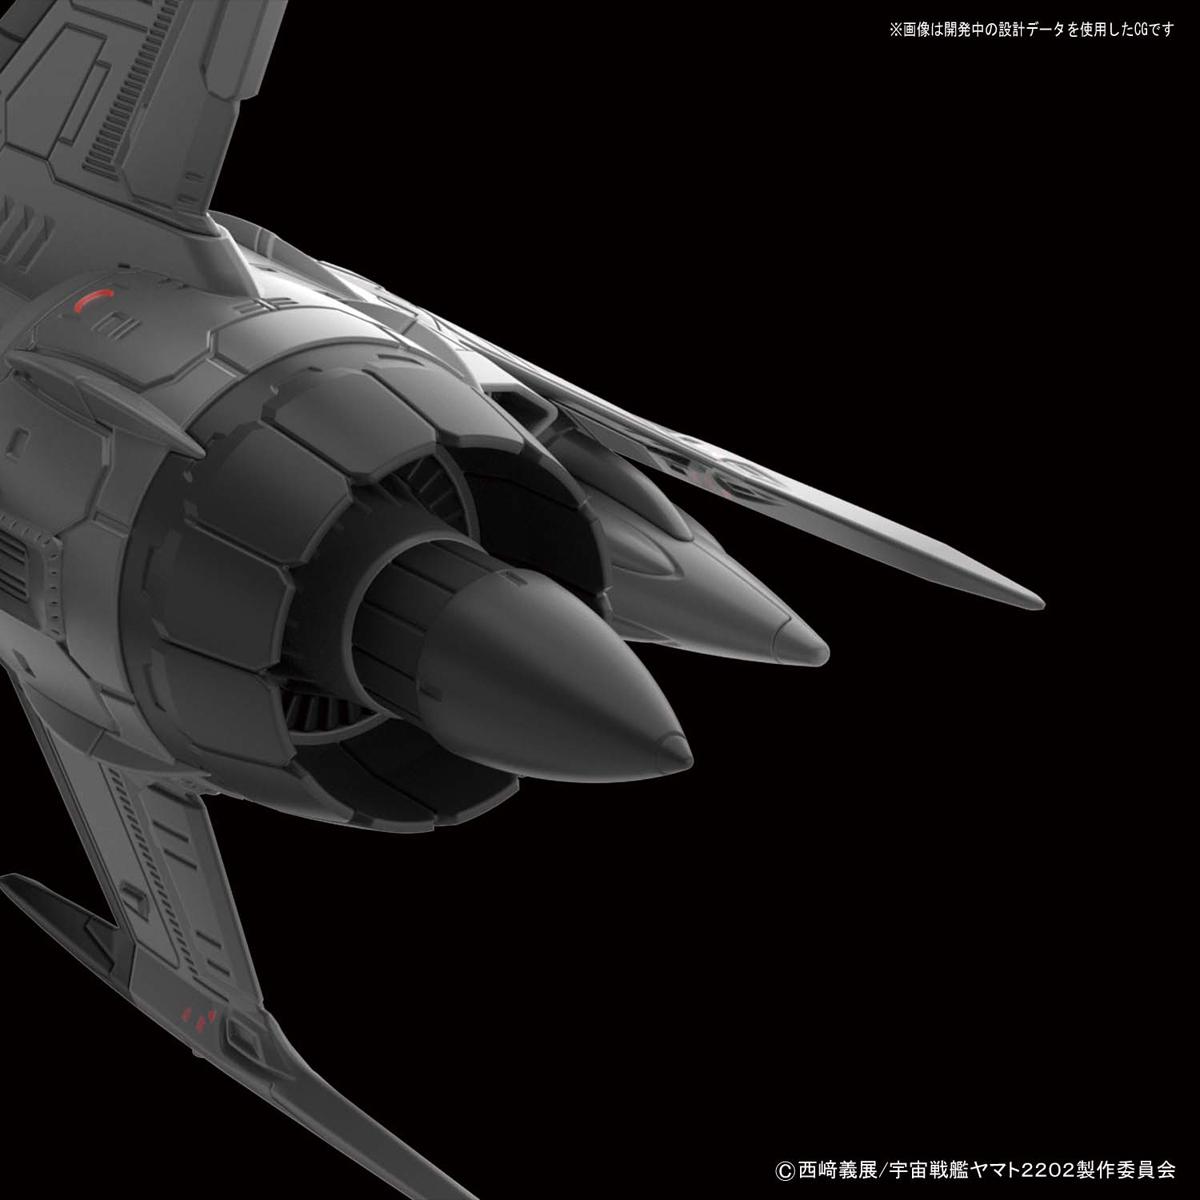 『宇宙戦艦ヤマト2202 愛の戦士たち』 1/72 零式52型改 自律無人戦闘機 ブラックバード プラモデル